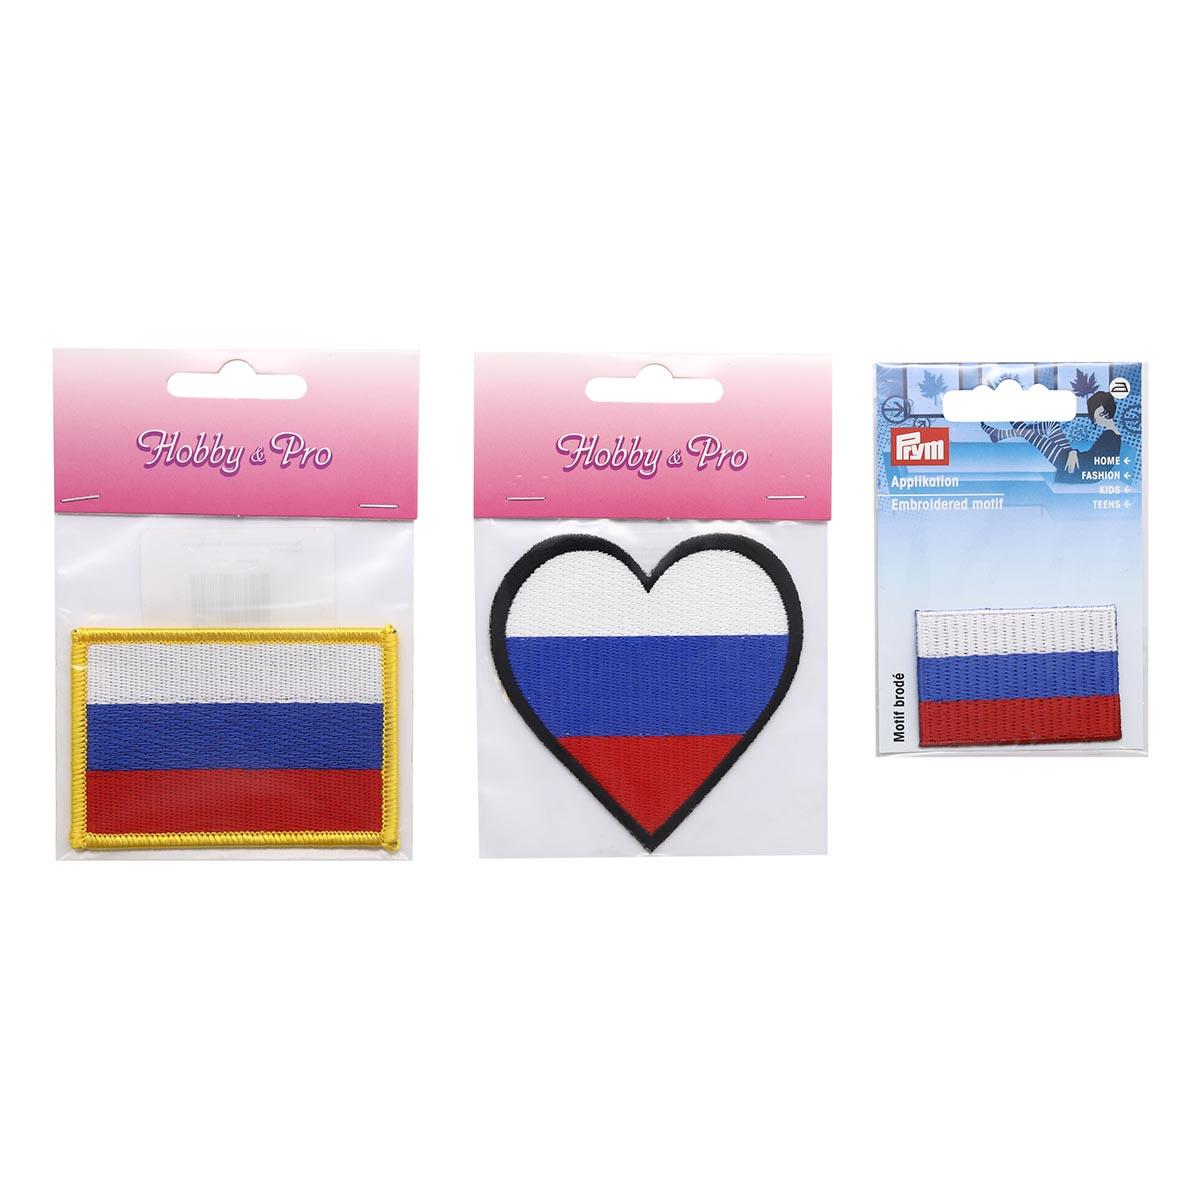 Набор термоаппликаций Флаг России,упак(3шт), Hobby&Pro